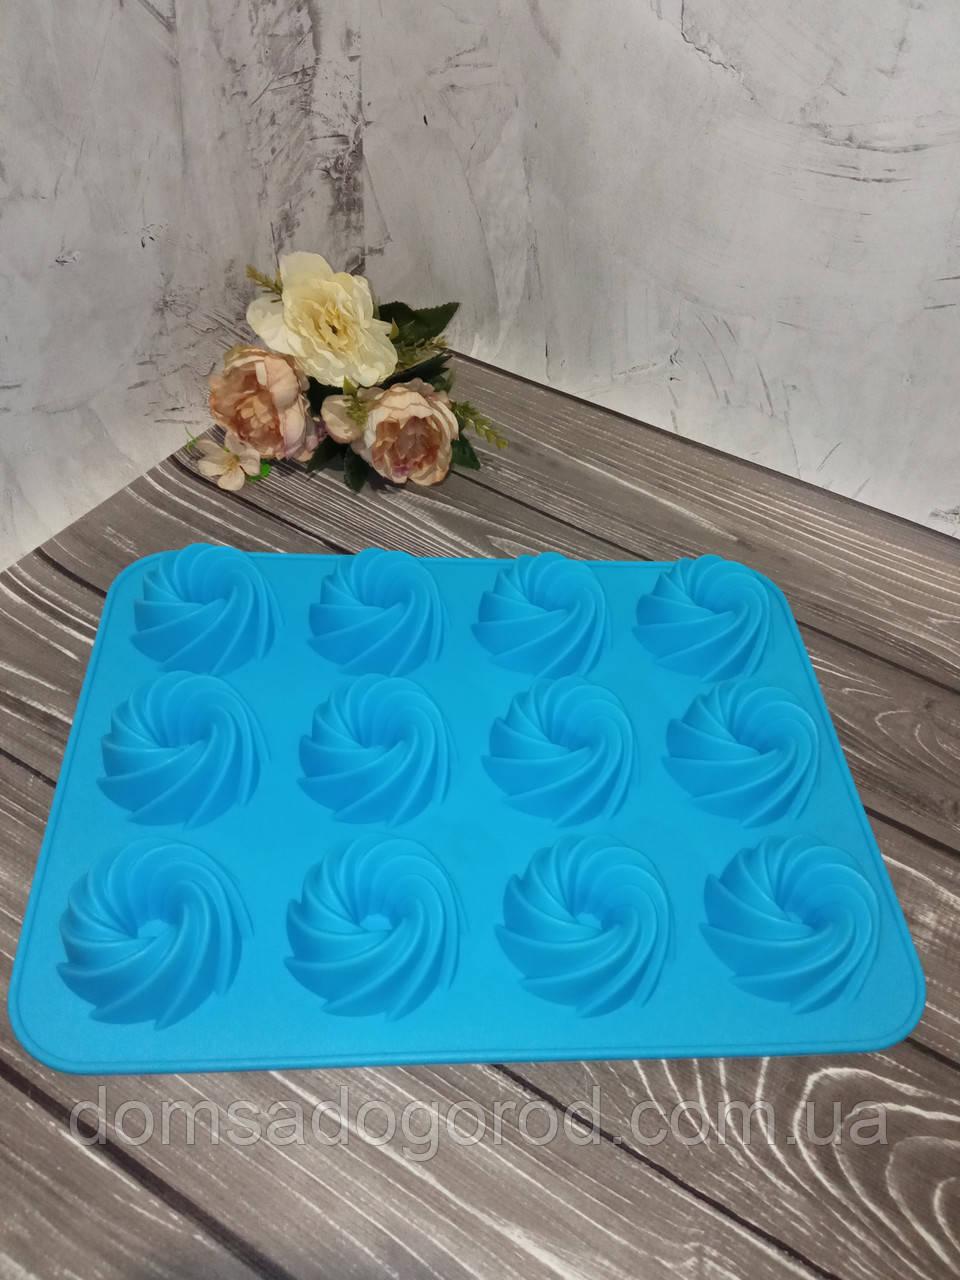 Форма силиконовая для кексов на 12 ячеек